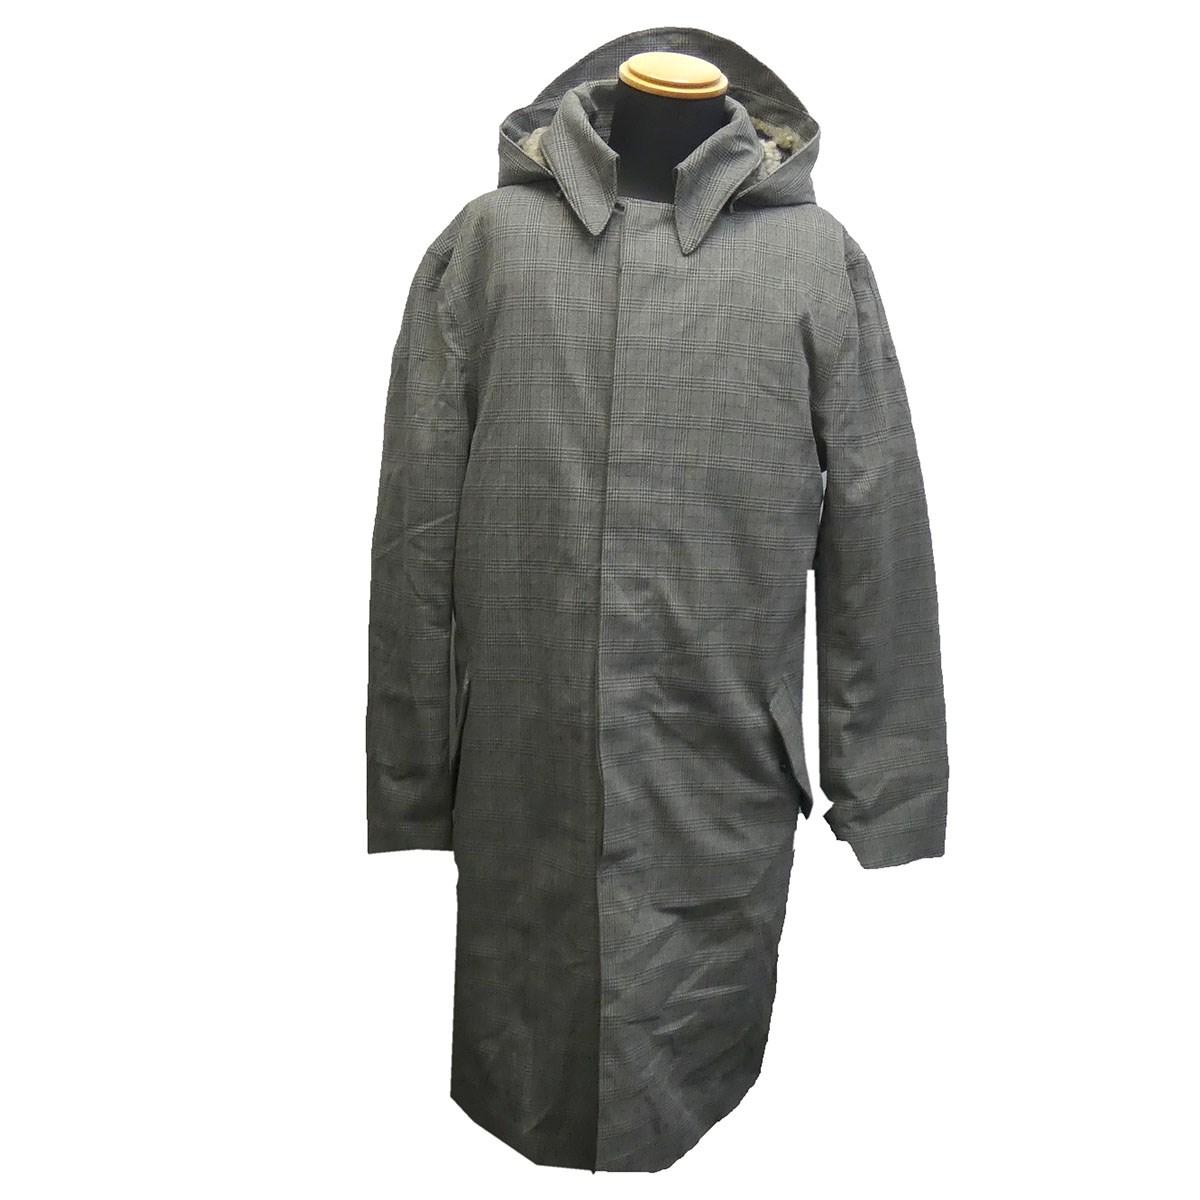 【中古】Norwegian Rain フーデットチェックコート グレー サイズ:S 【080520】(ノルウェイジャンレイン)